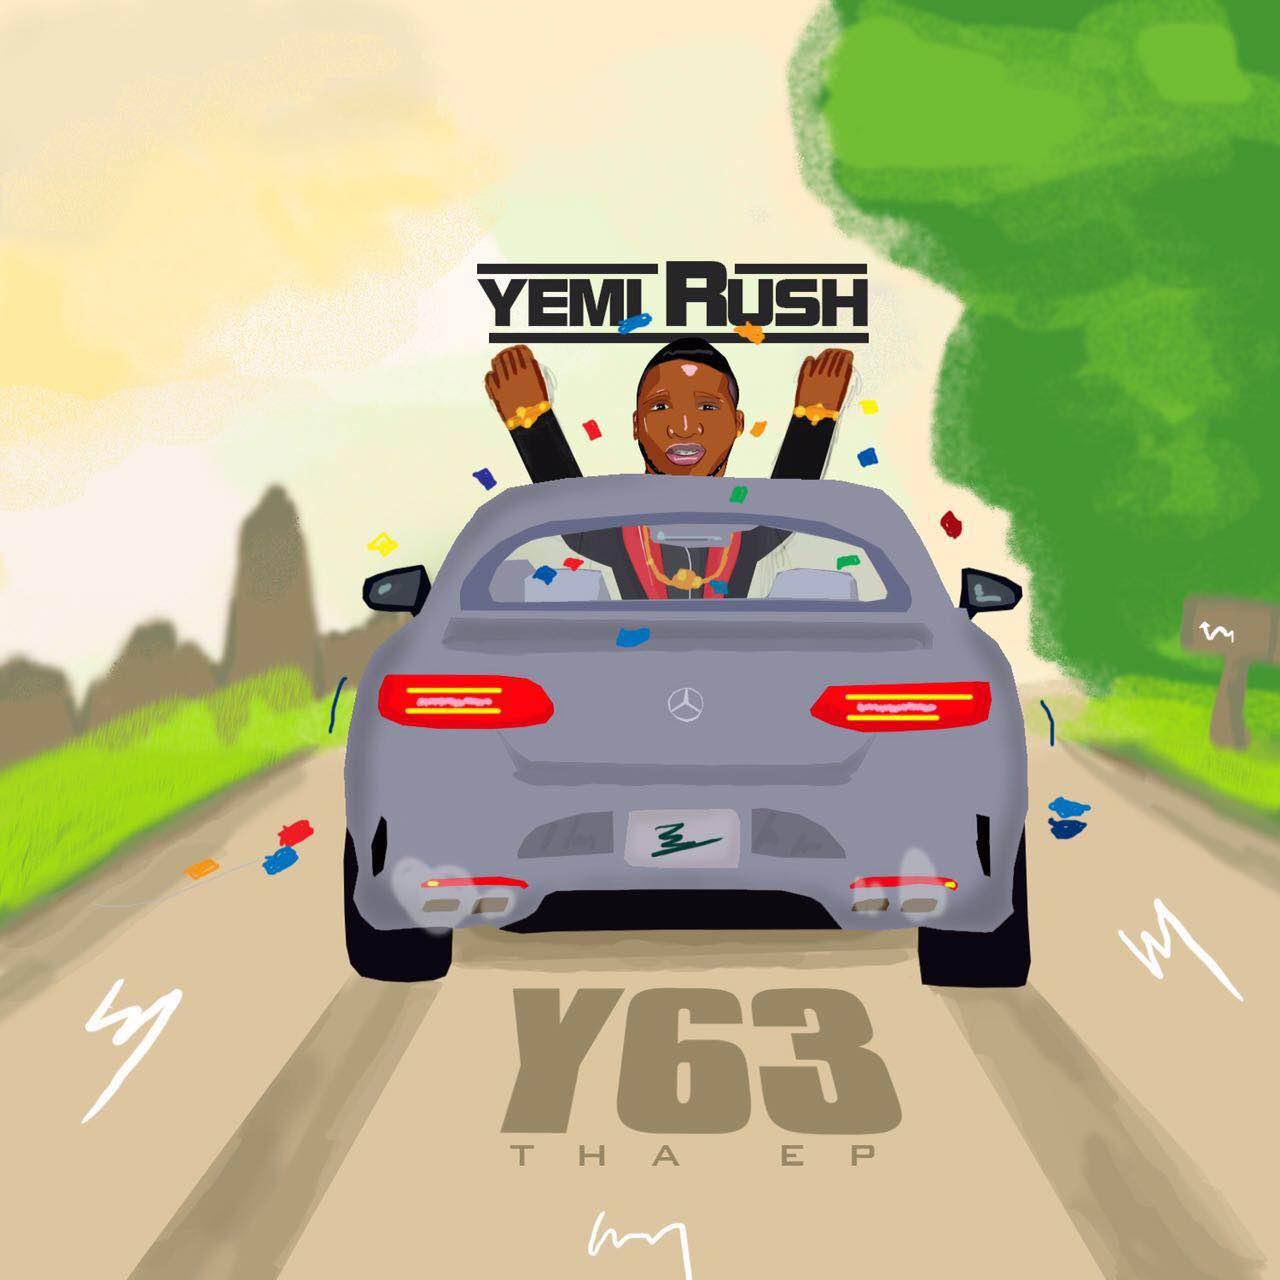 Yemi Rush - Fly | Y63 Tha EP